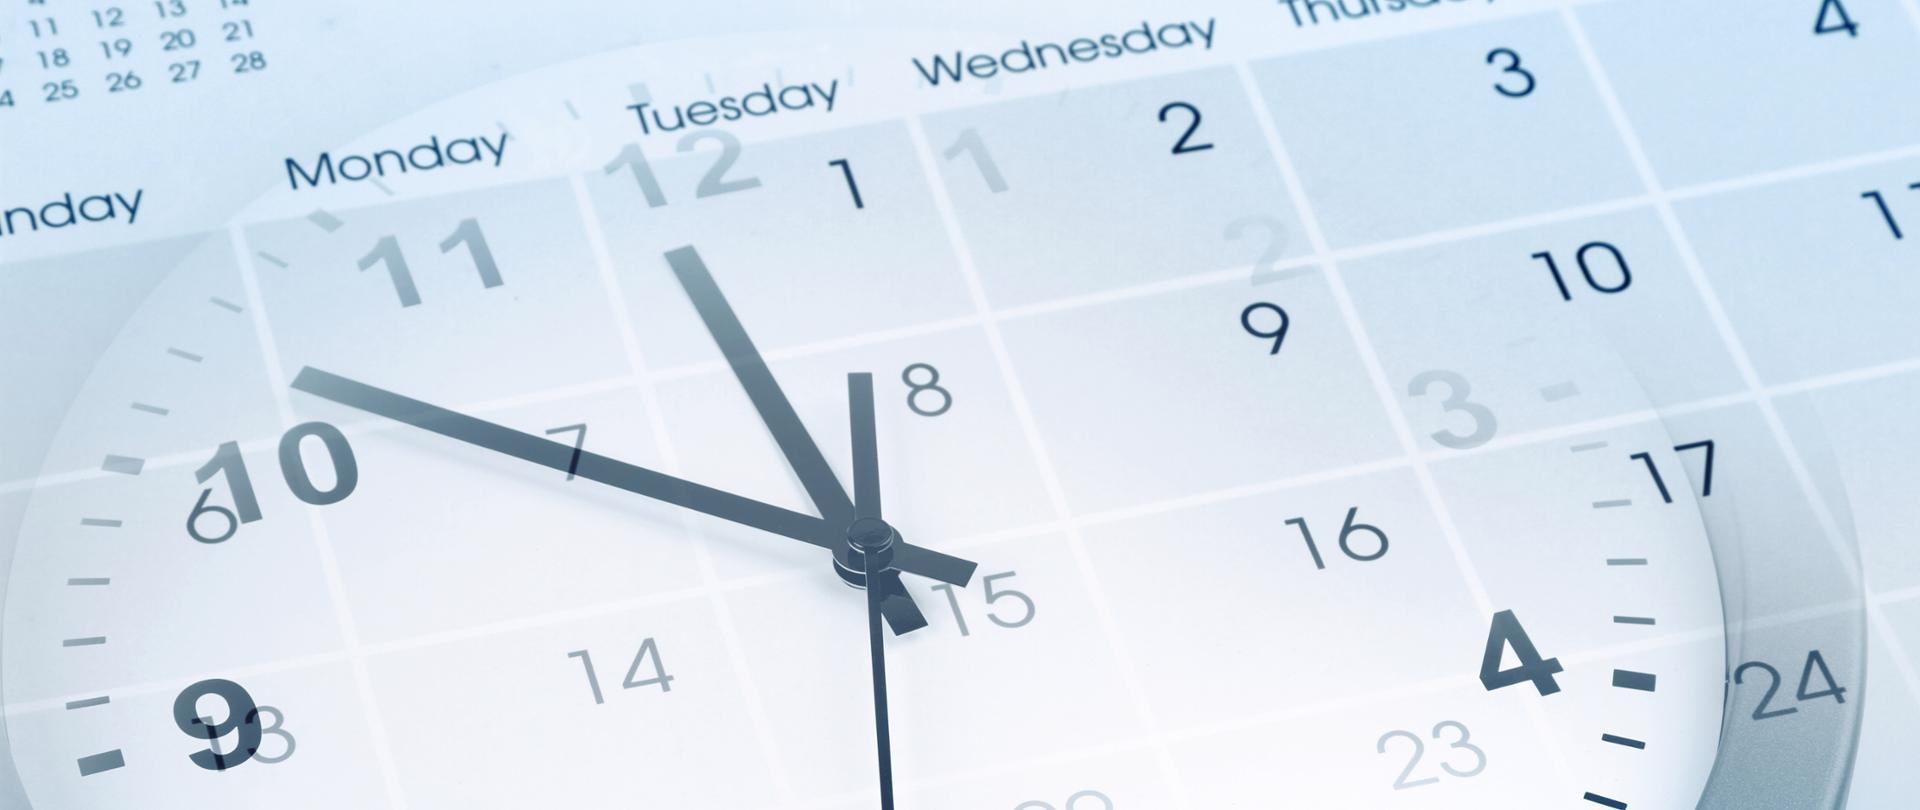 Biały zegar z czarnymi wskazówkami na tle niebiesko białego kalendarza